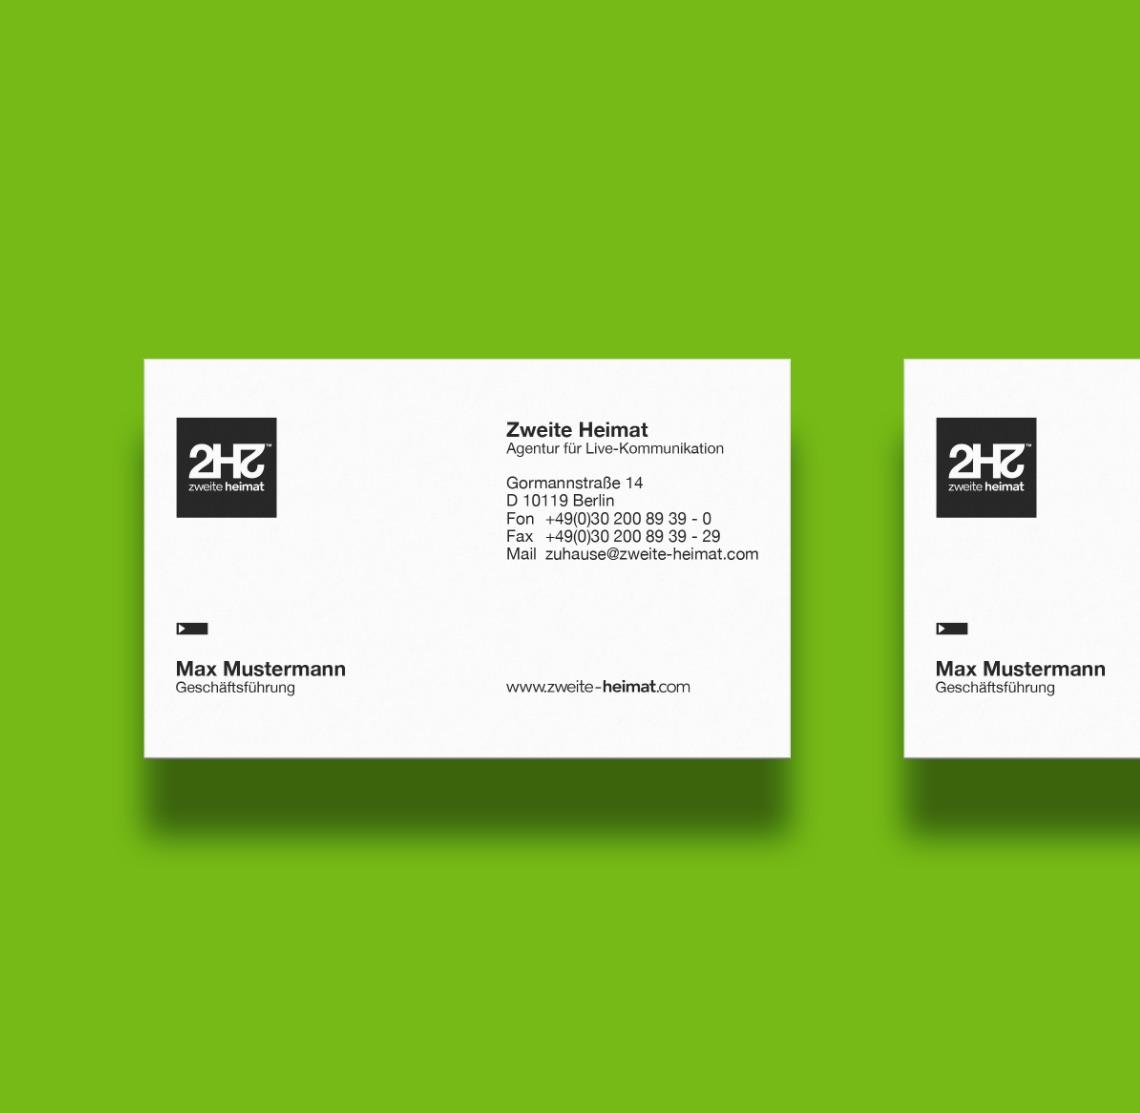 Q2 Werbeagentur, Zweite Heimat, Print